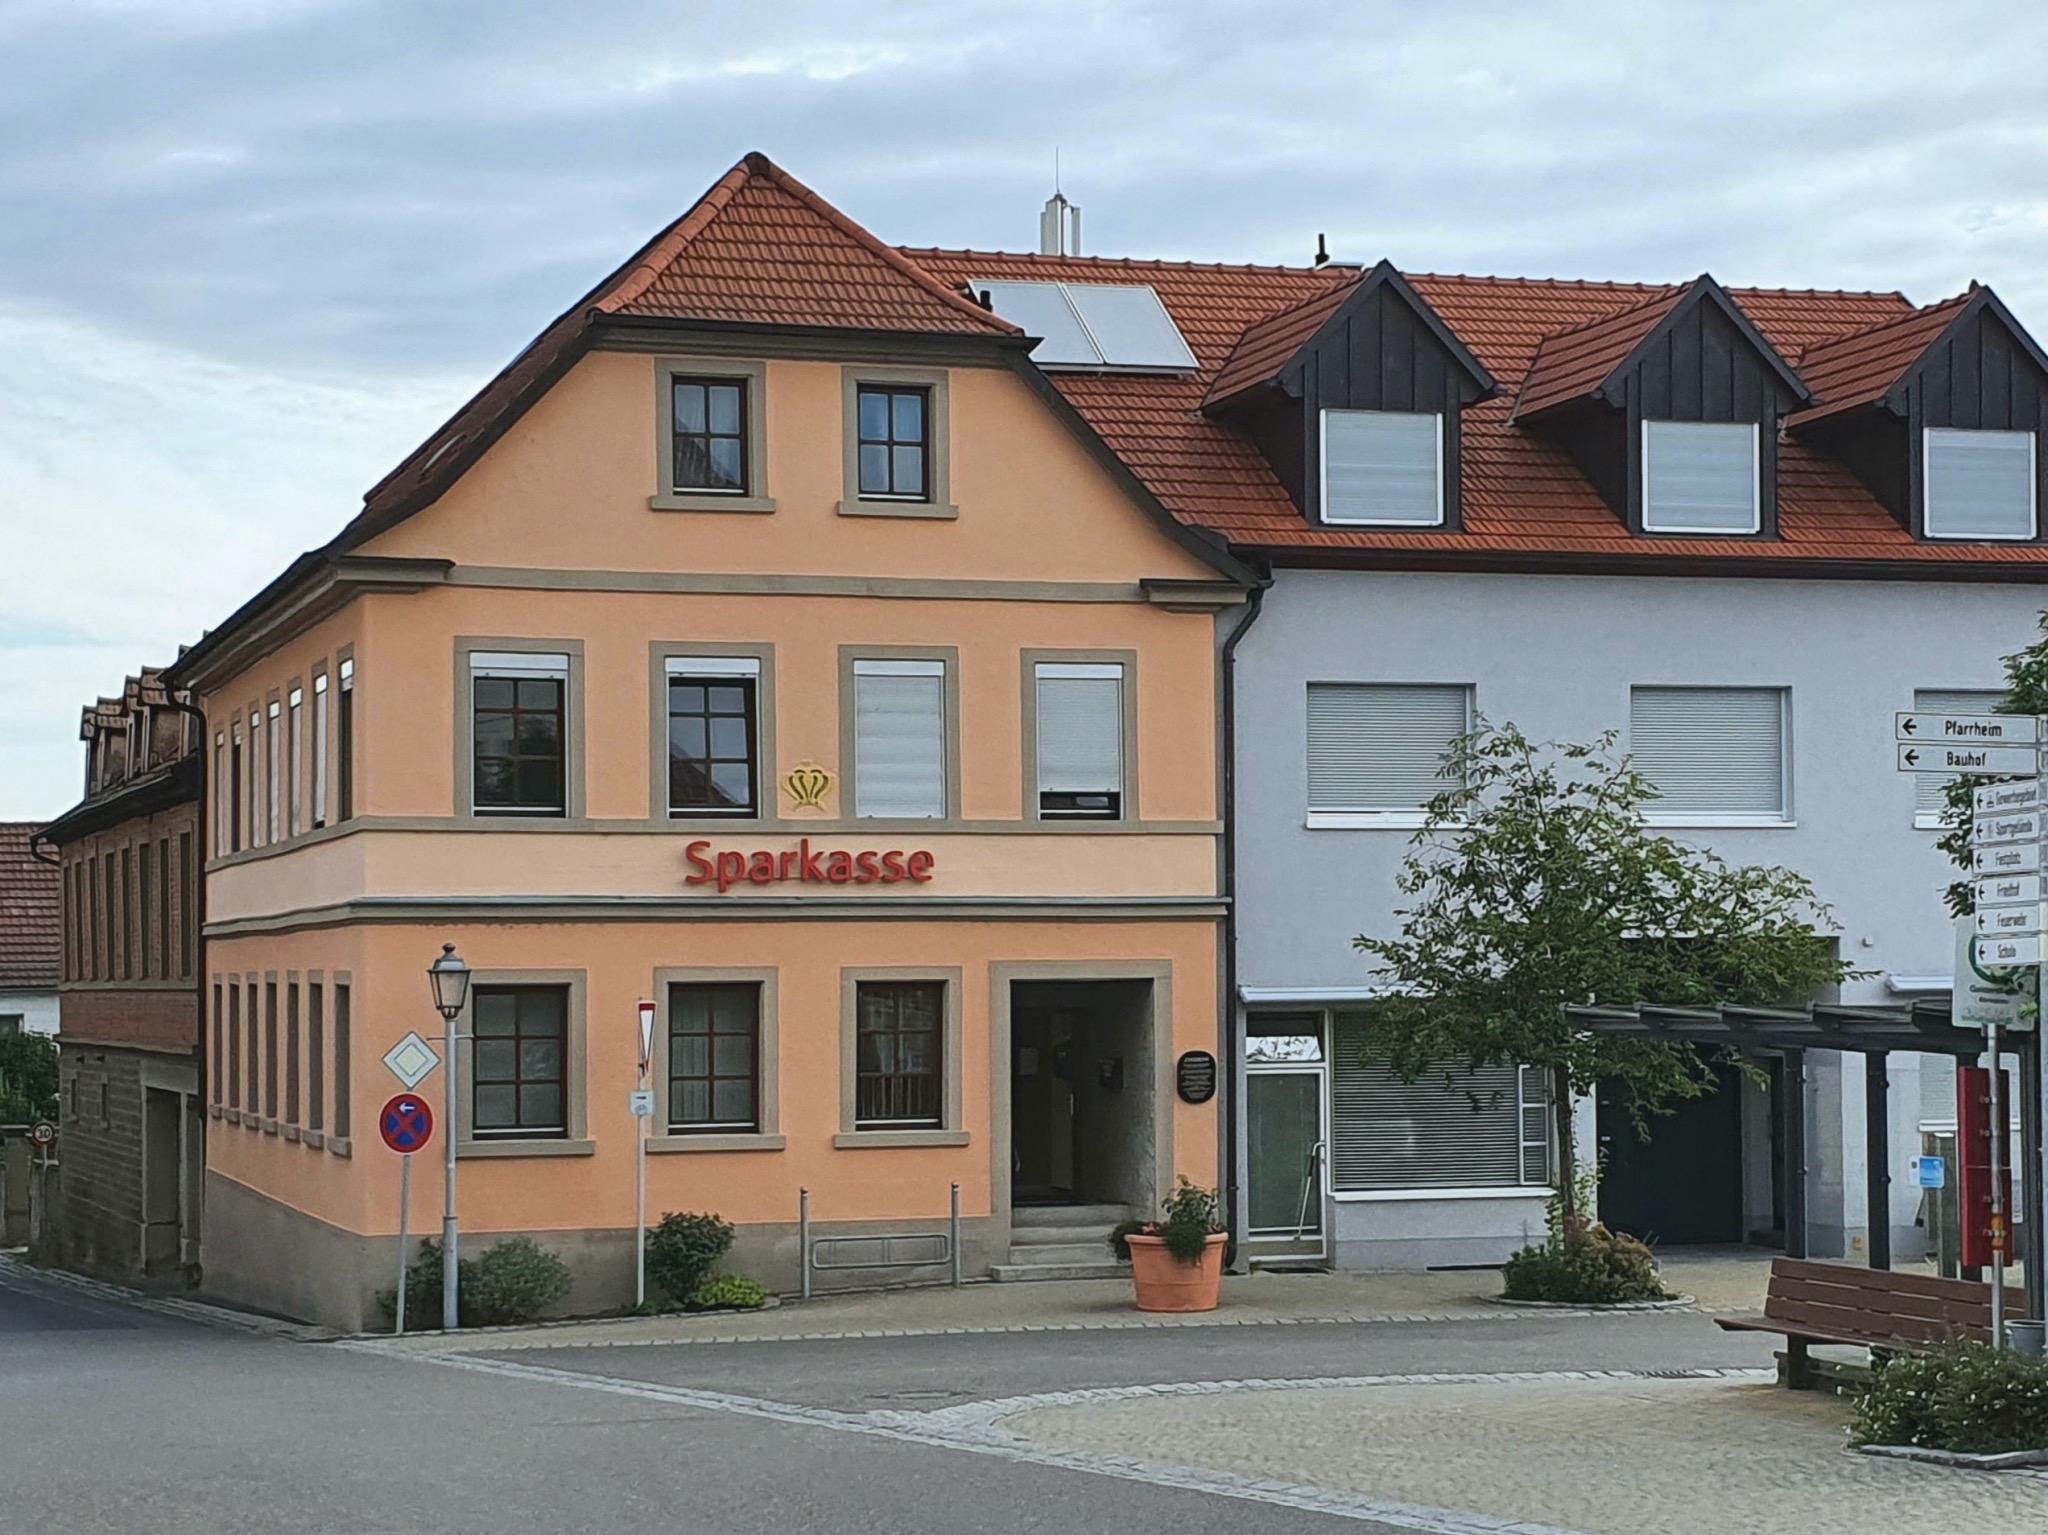 Die Sparkasse in Geldersheim. Foto: Martin Schlör, Geldersheim